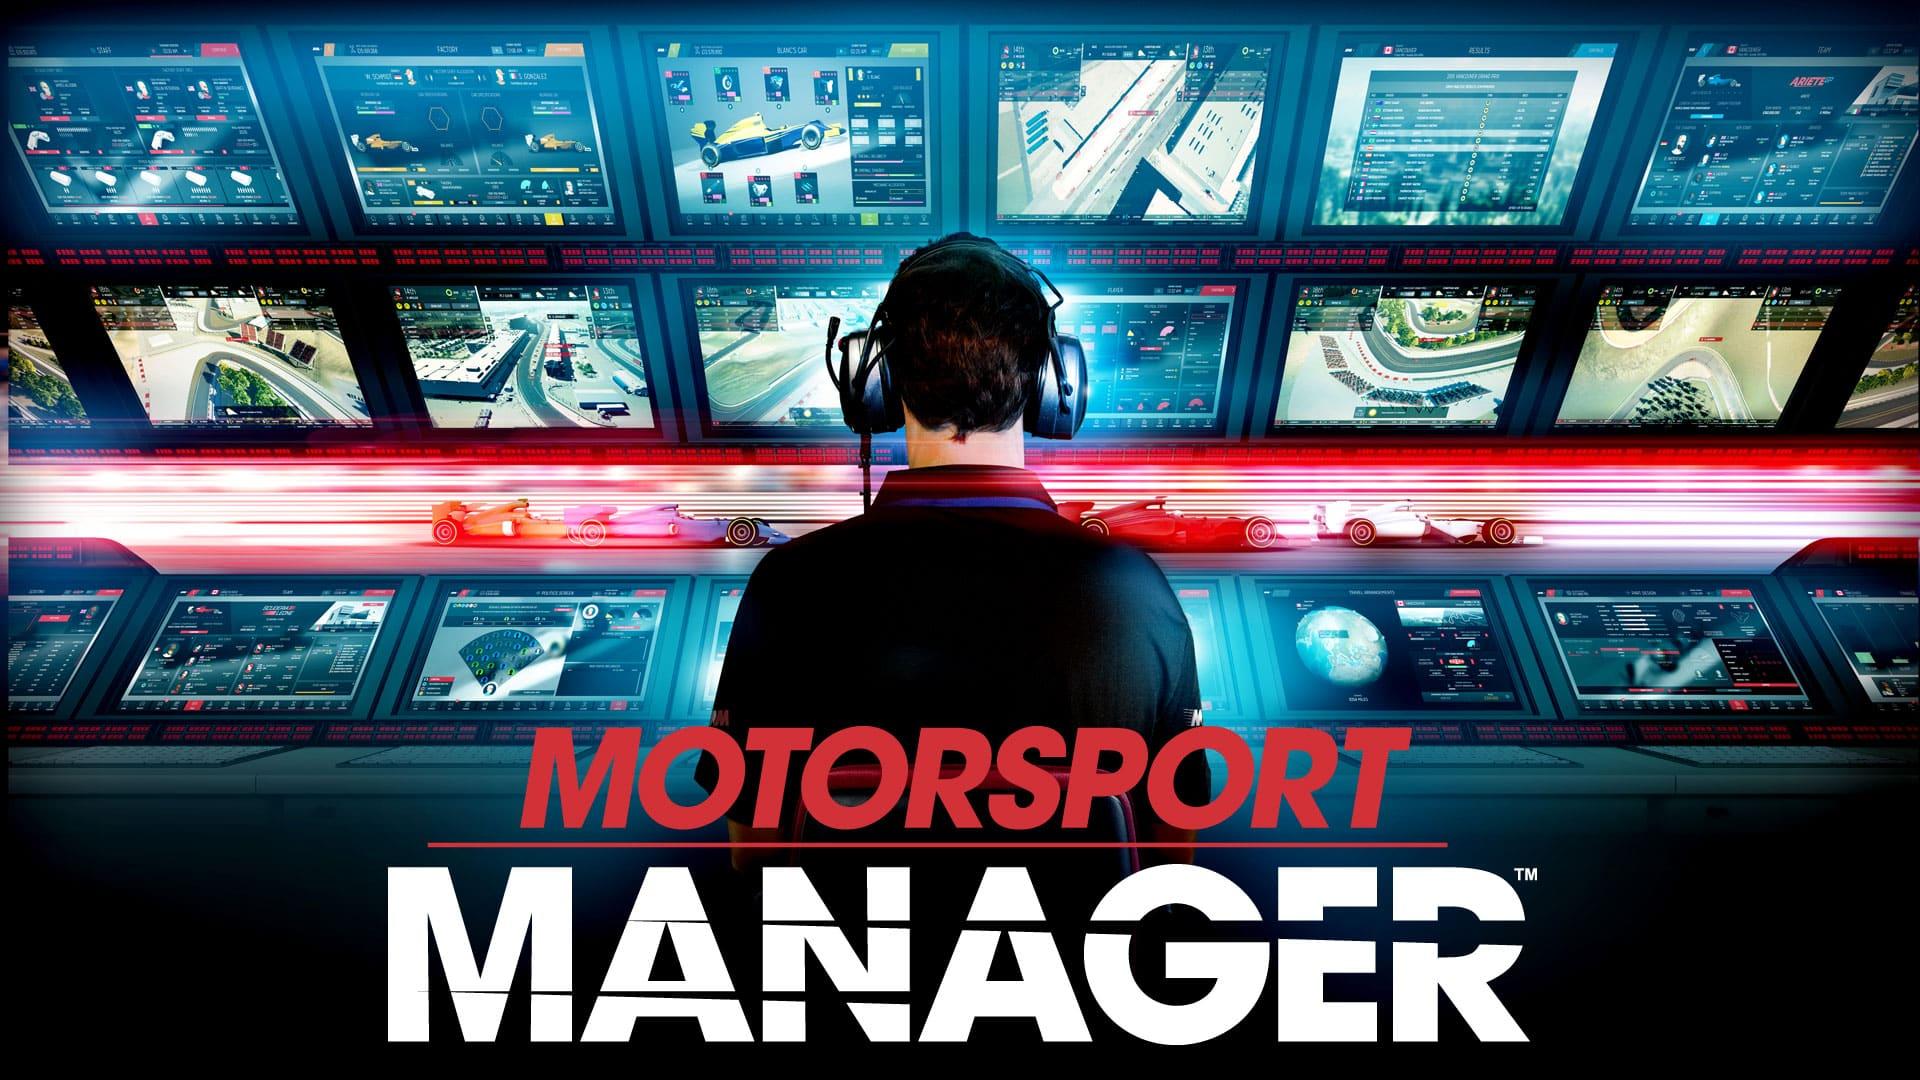 Motorsport Manager telecharger gratuit de PC et Torrent